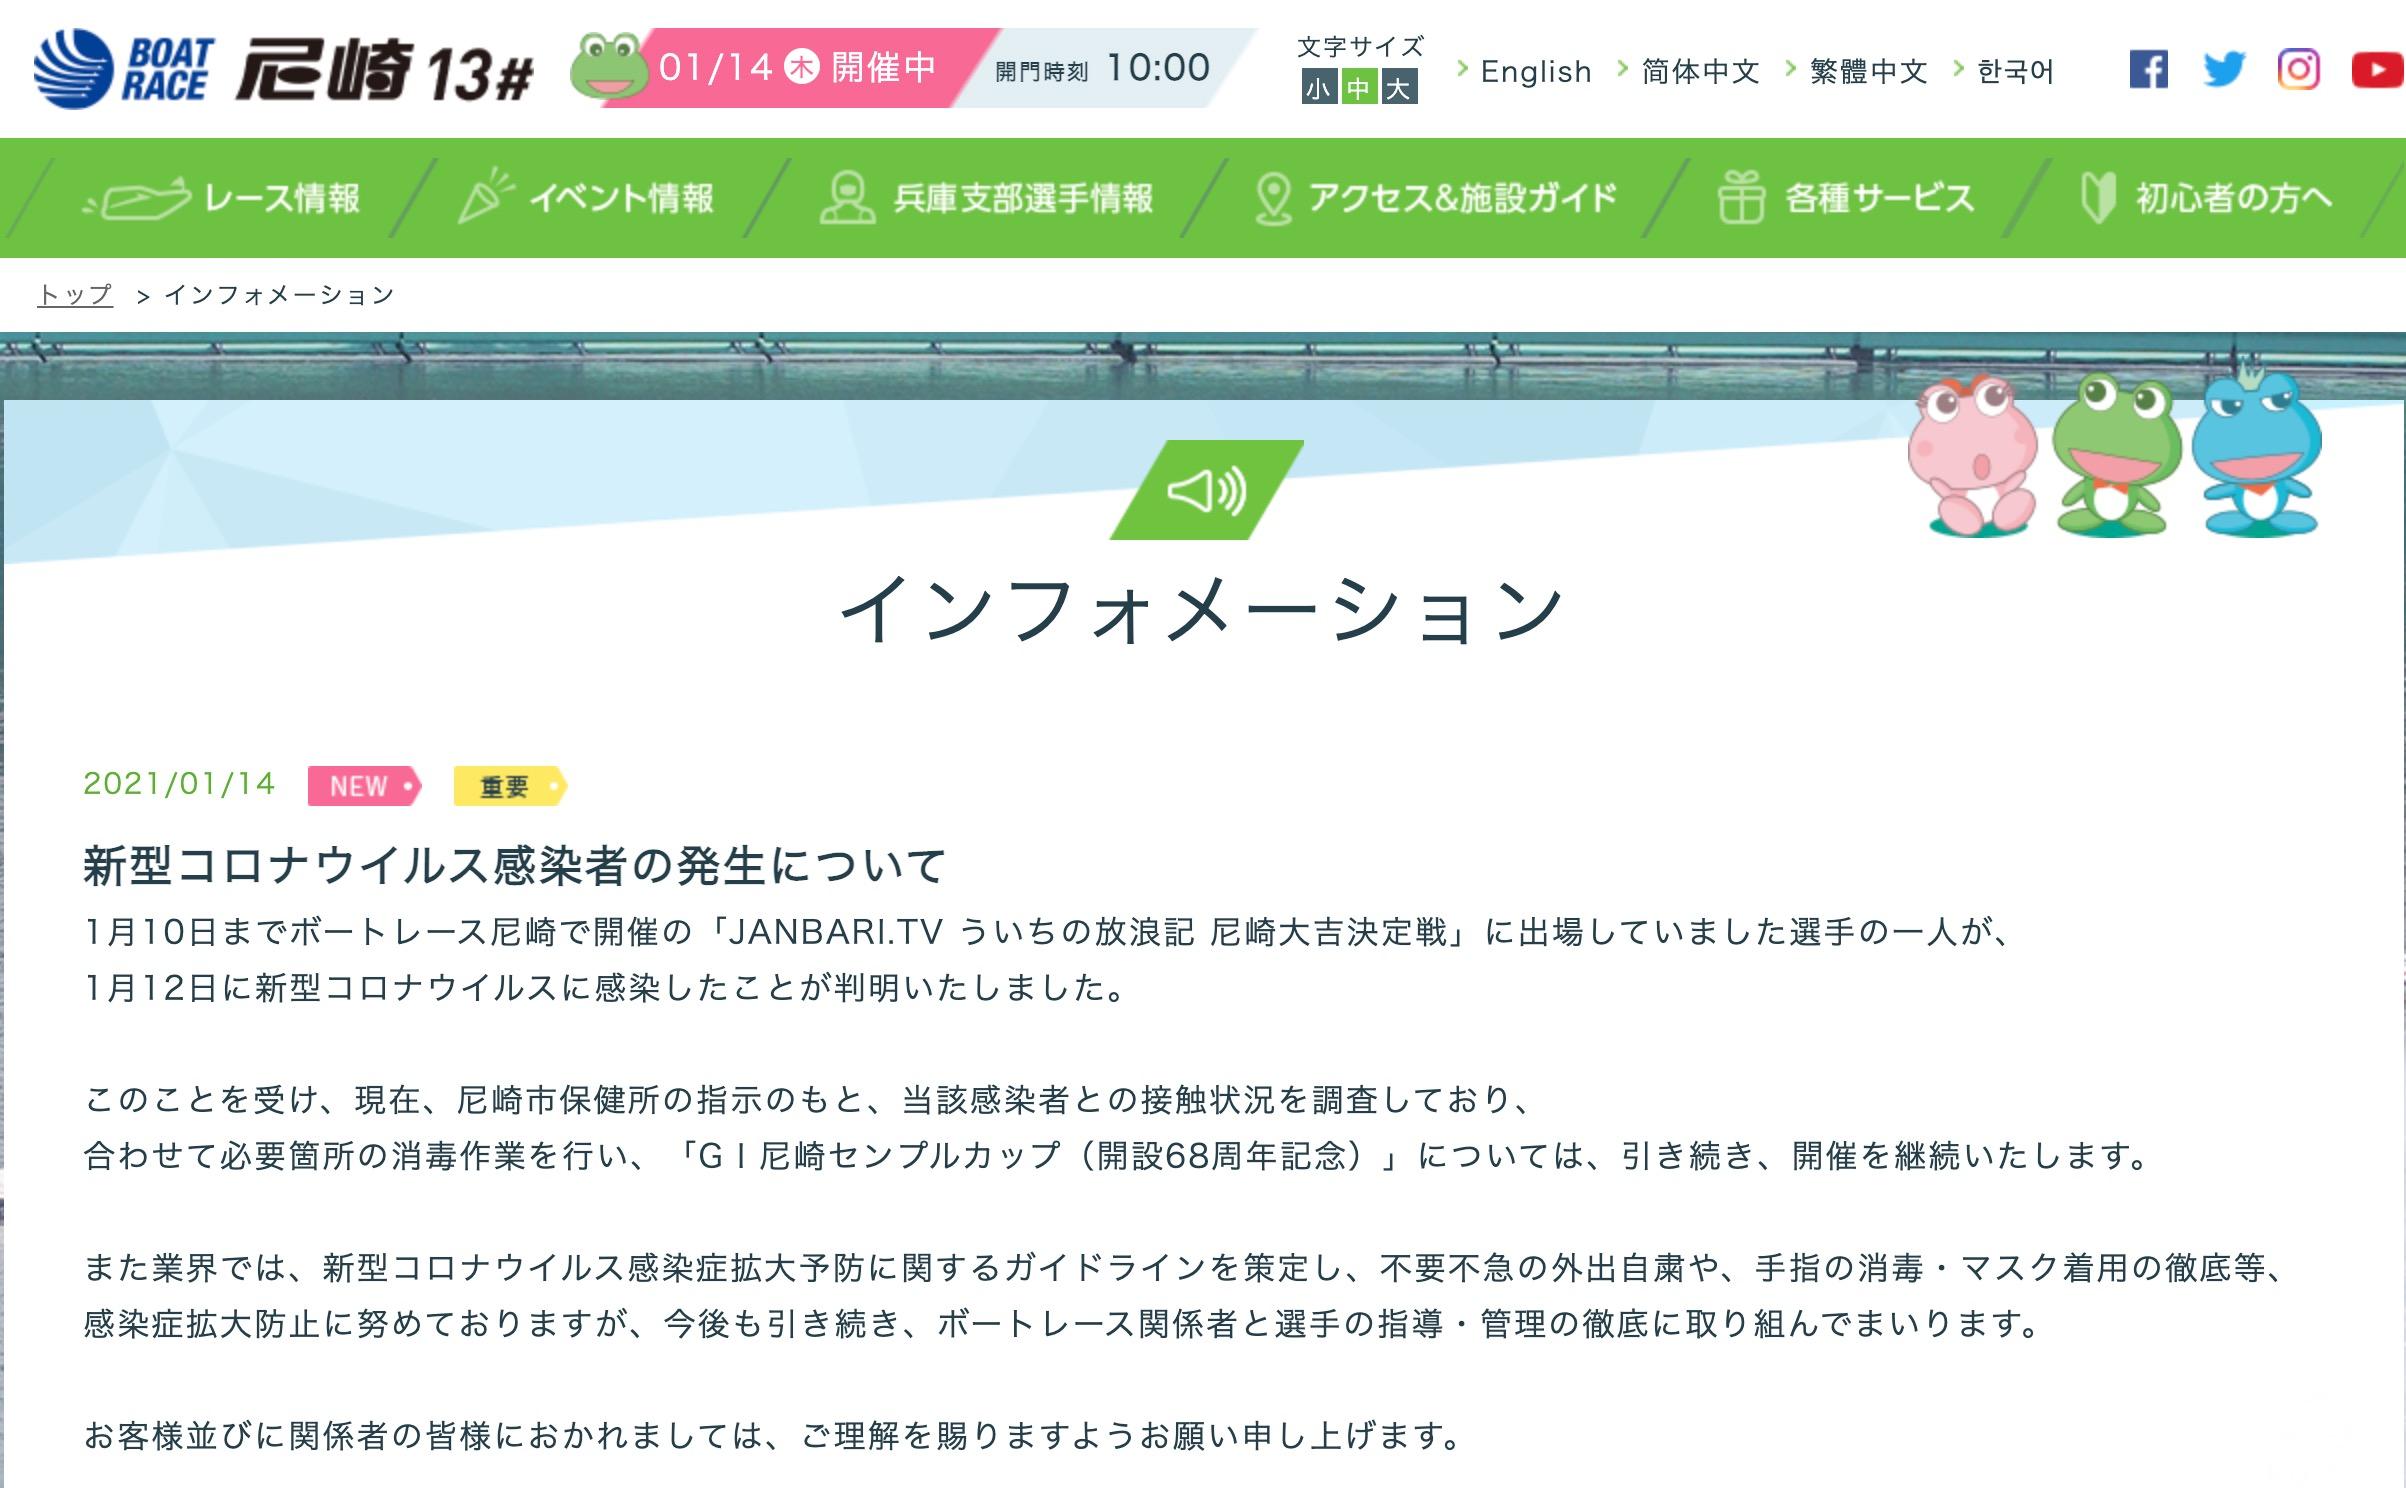 ボートレース尼崎で新型コロナ発生2